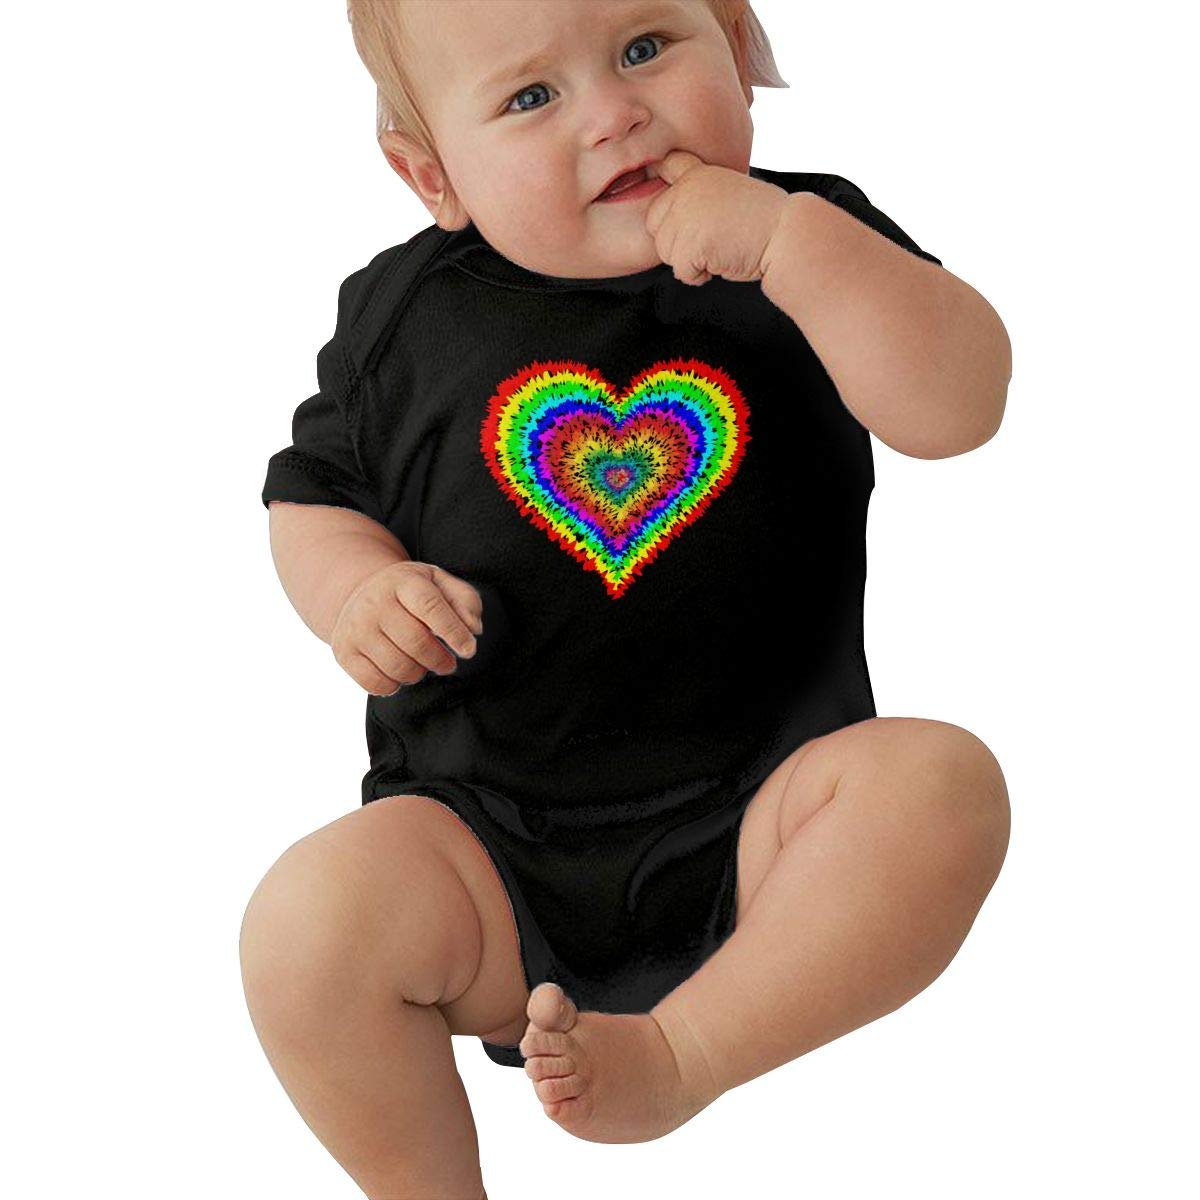 Cute Tye Dye Heart Sleepwear U88oi-8 Short Sleeve Cotton Bodysuit for Baby Girls Boys